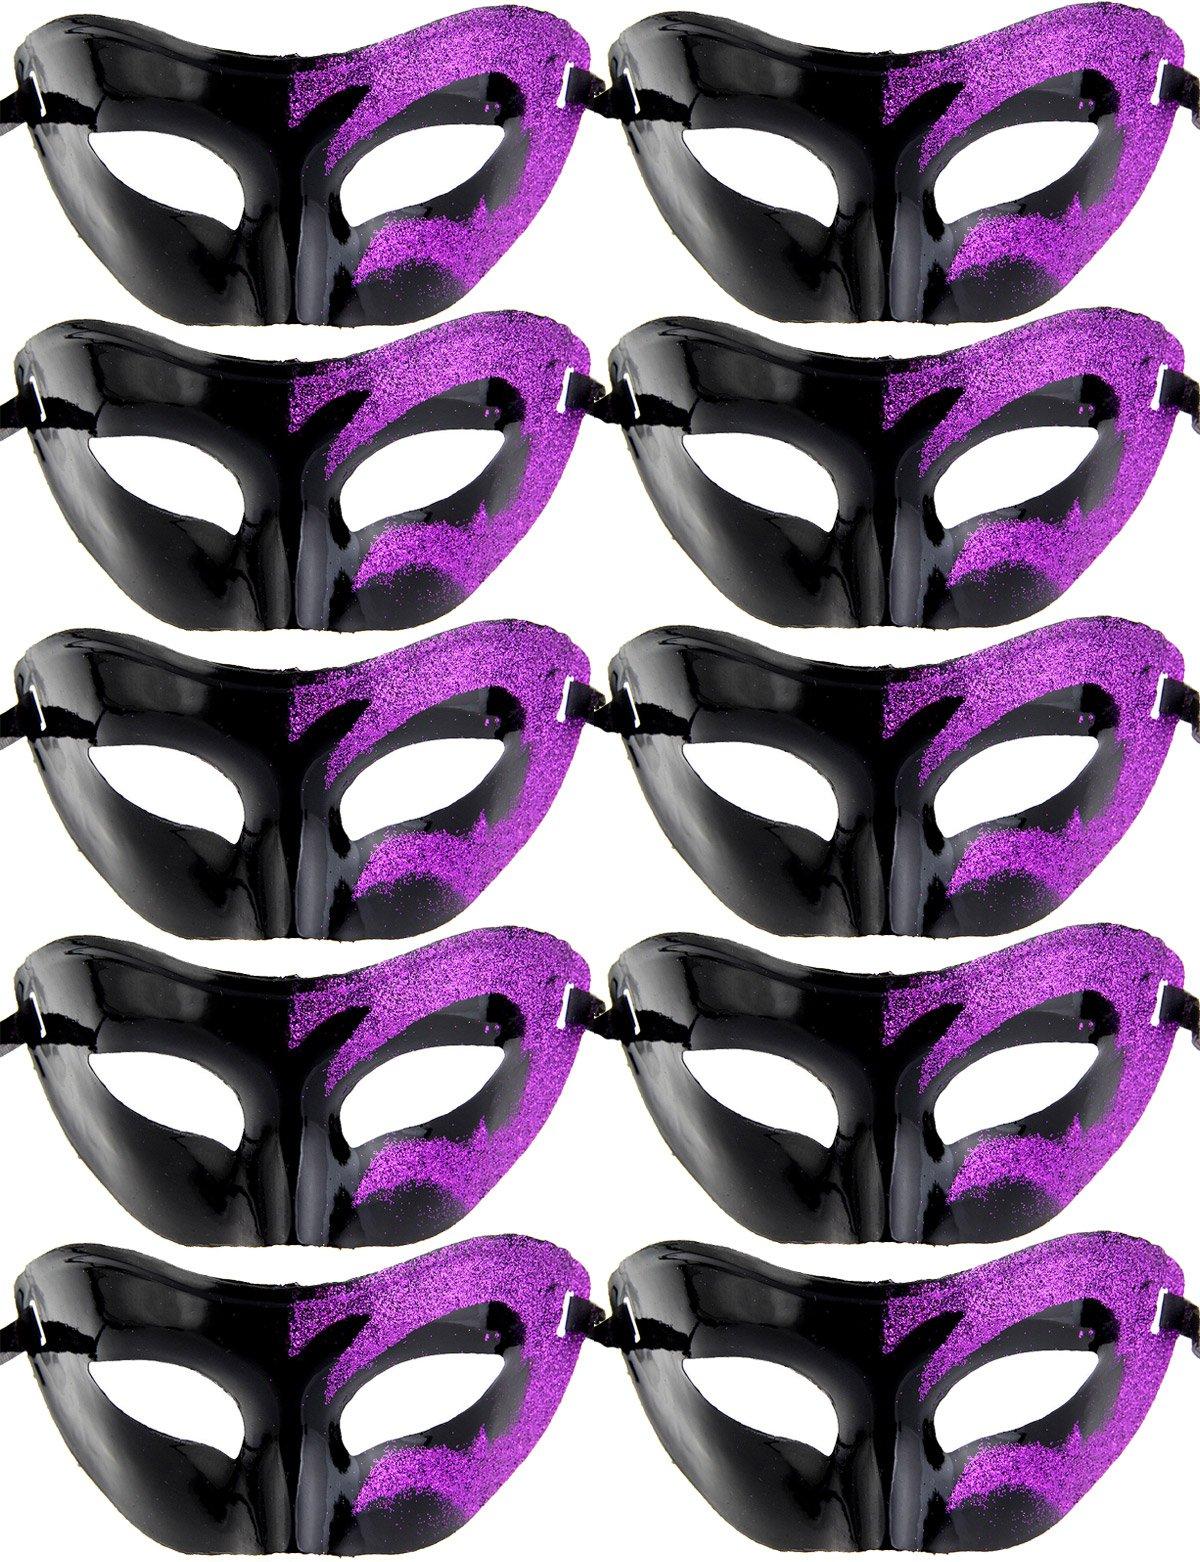 IETANG 10pcs Set Mardi Gras Half Masquerades Venetian Masks Costumes Party Accessory (0-Black&Purple)